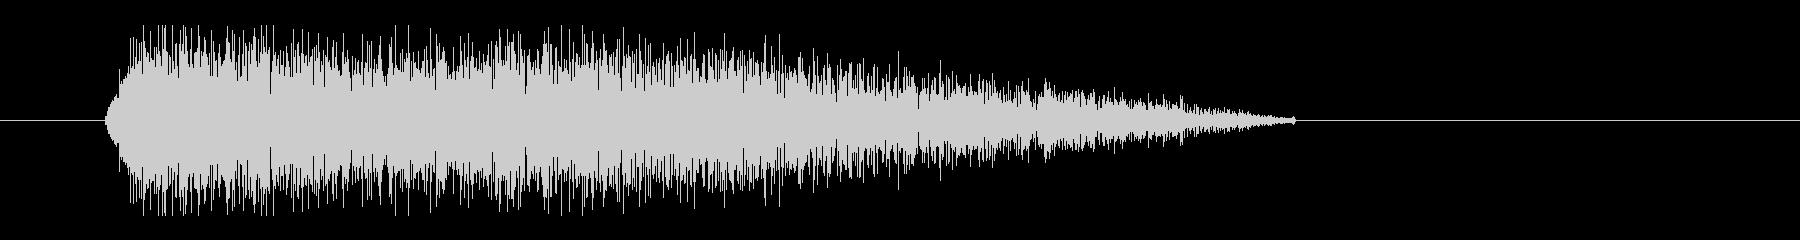 レーザー音-28-3の未再生の波形